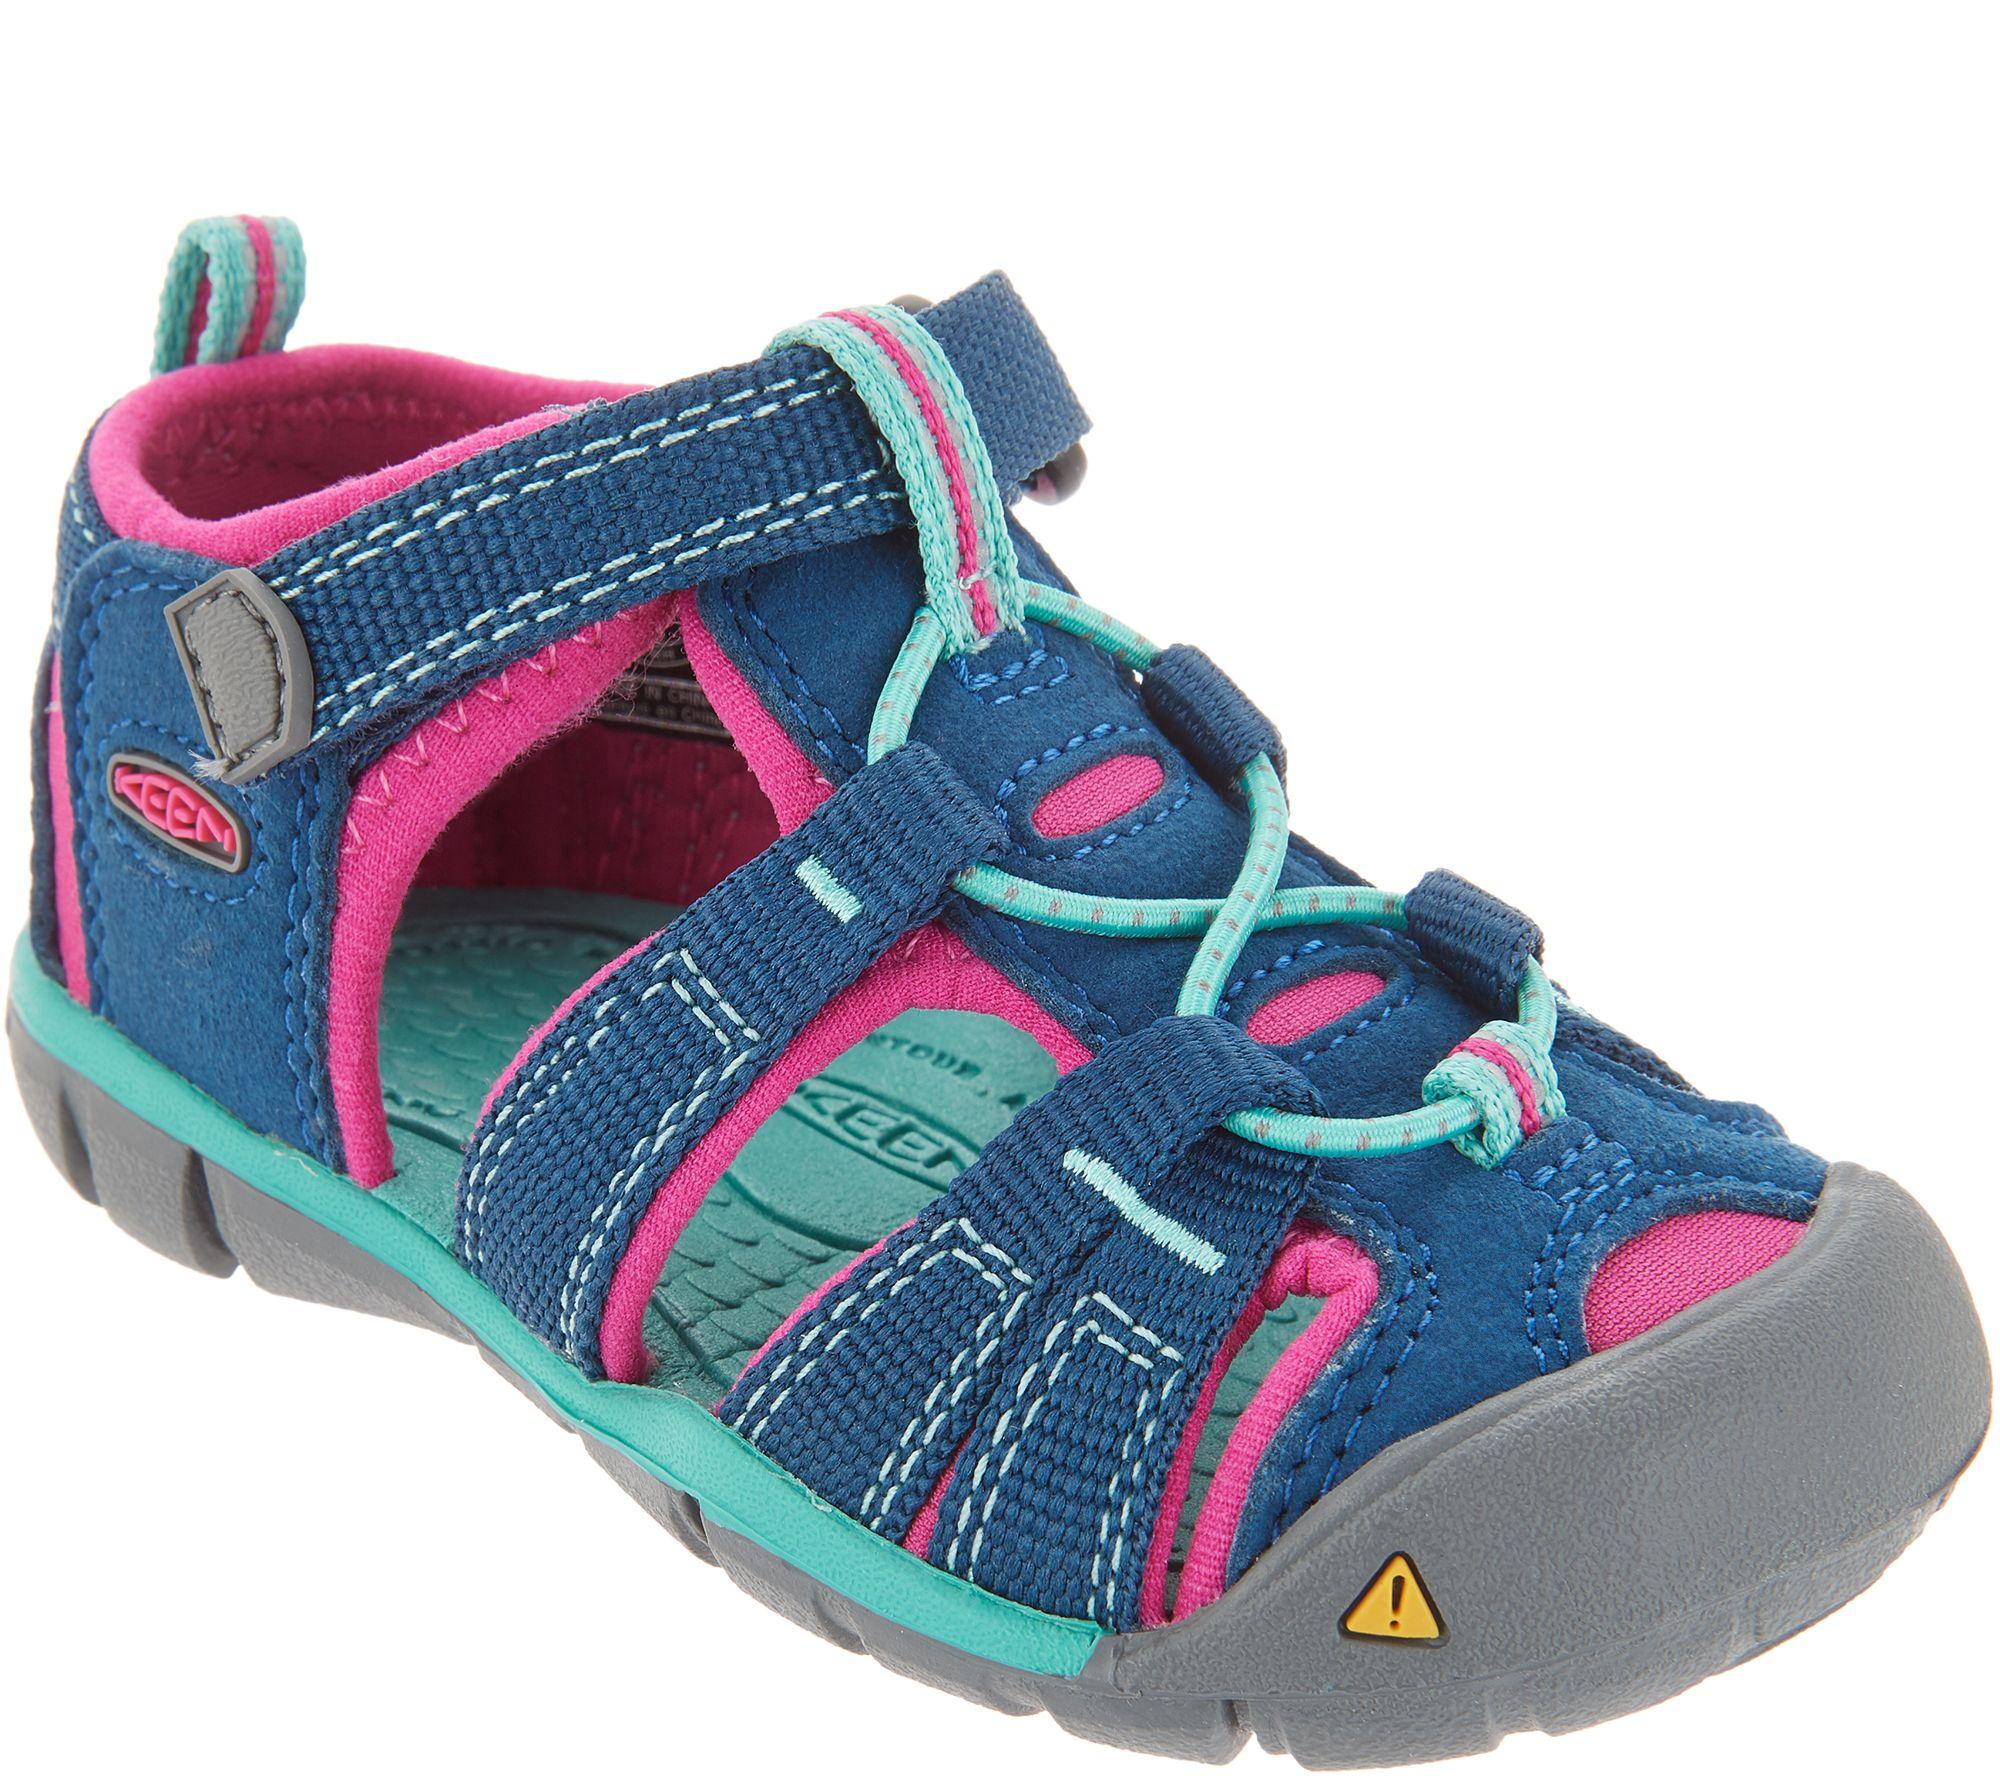 KEEN Girls Sport Sandals Toddler -Seacamp II CNX — QVC.com